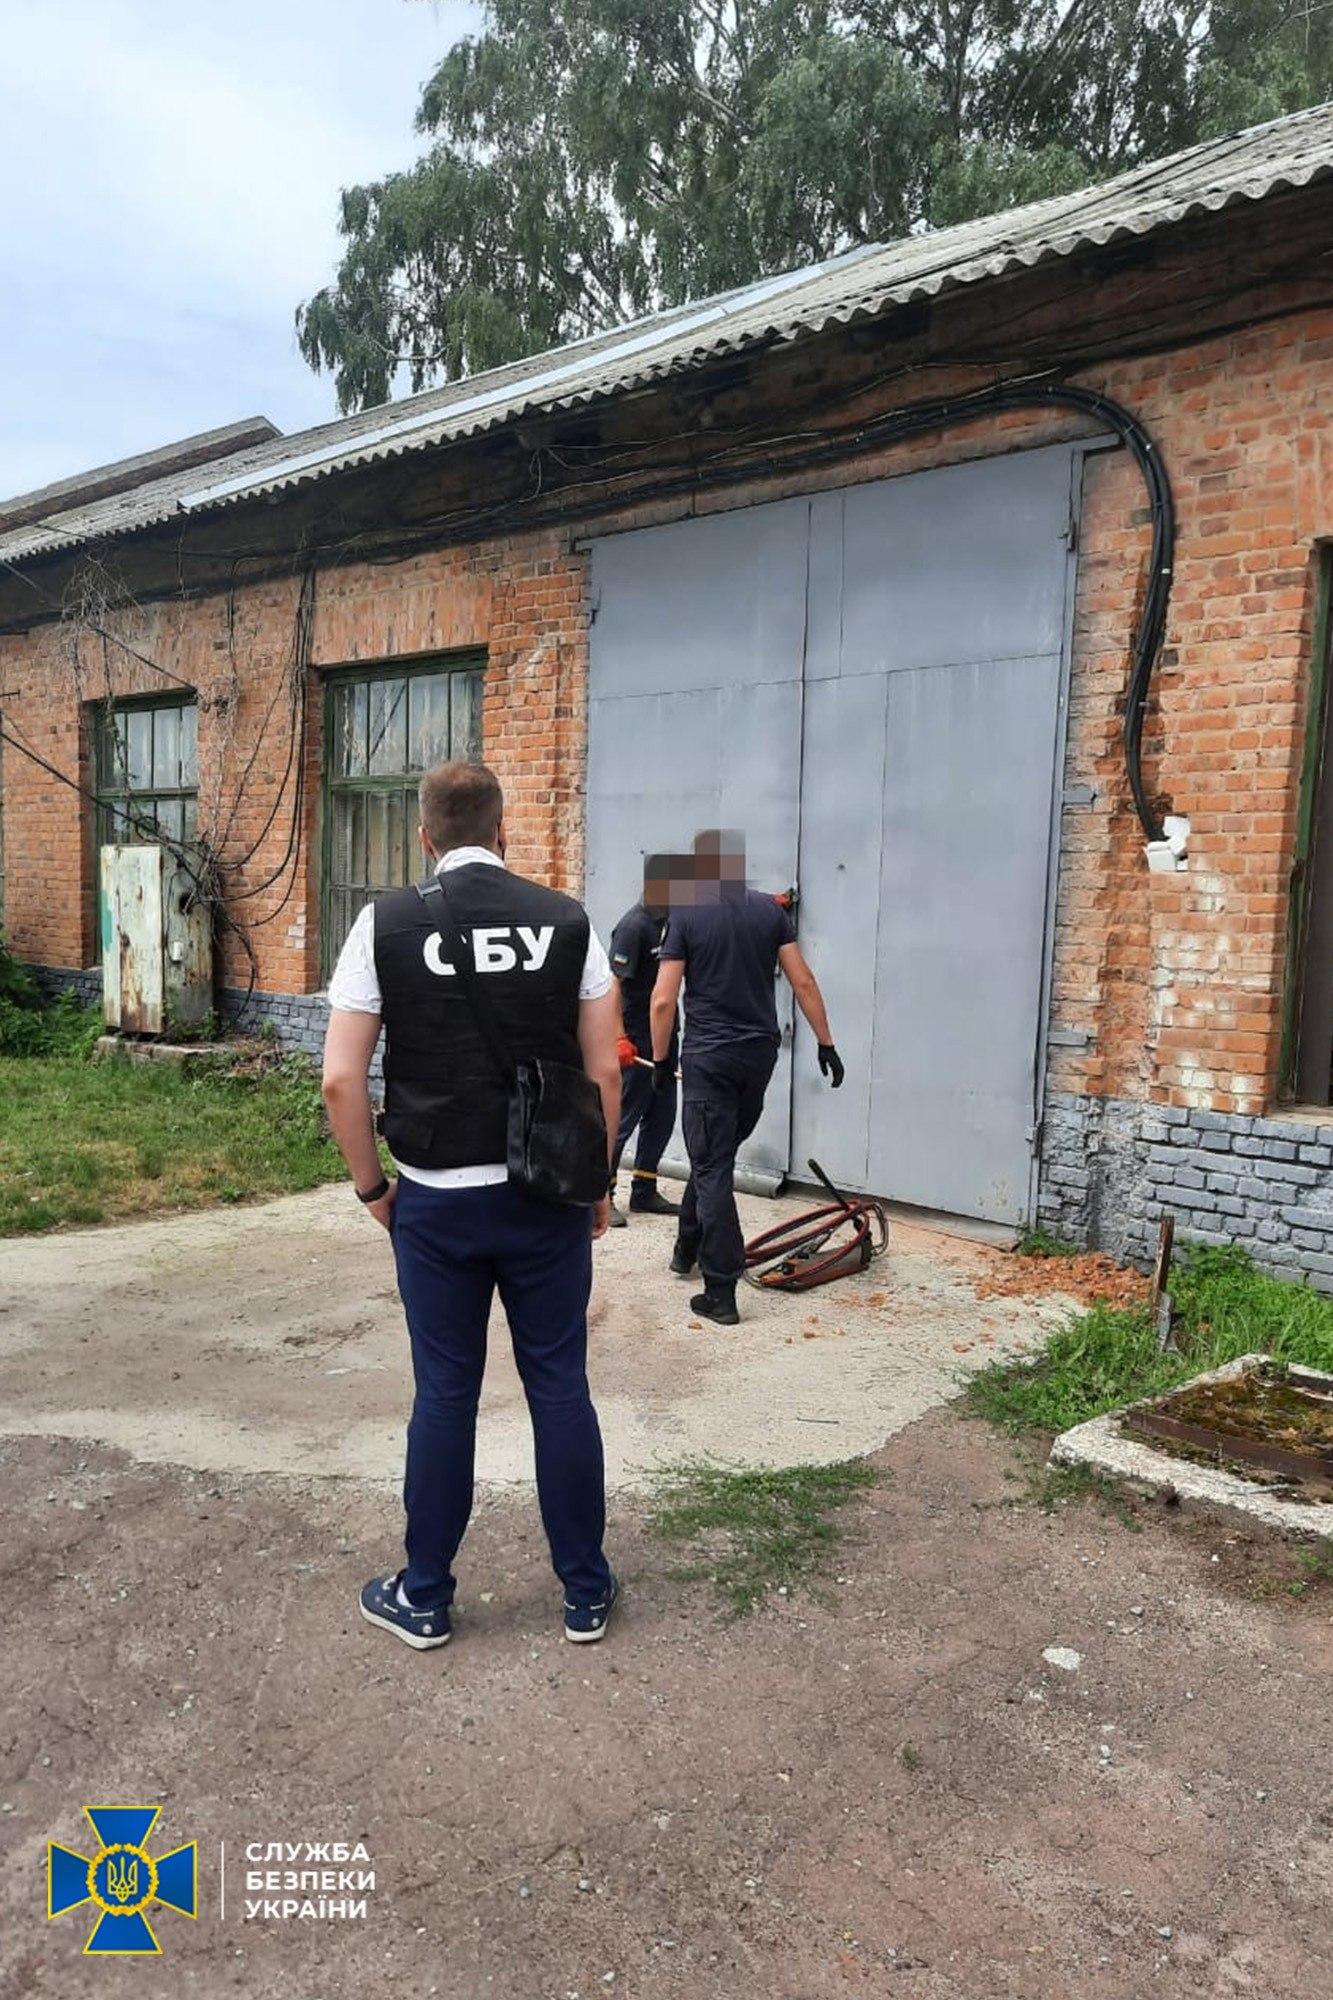 Частина Чернігівщини могла залишитися без світла і води через криптоферму ВІДЕО, ФОТО